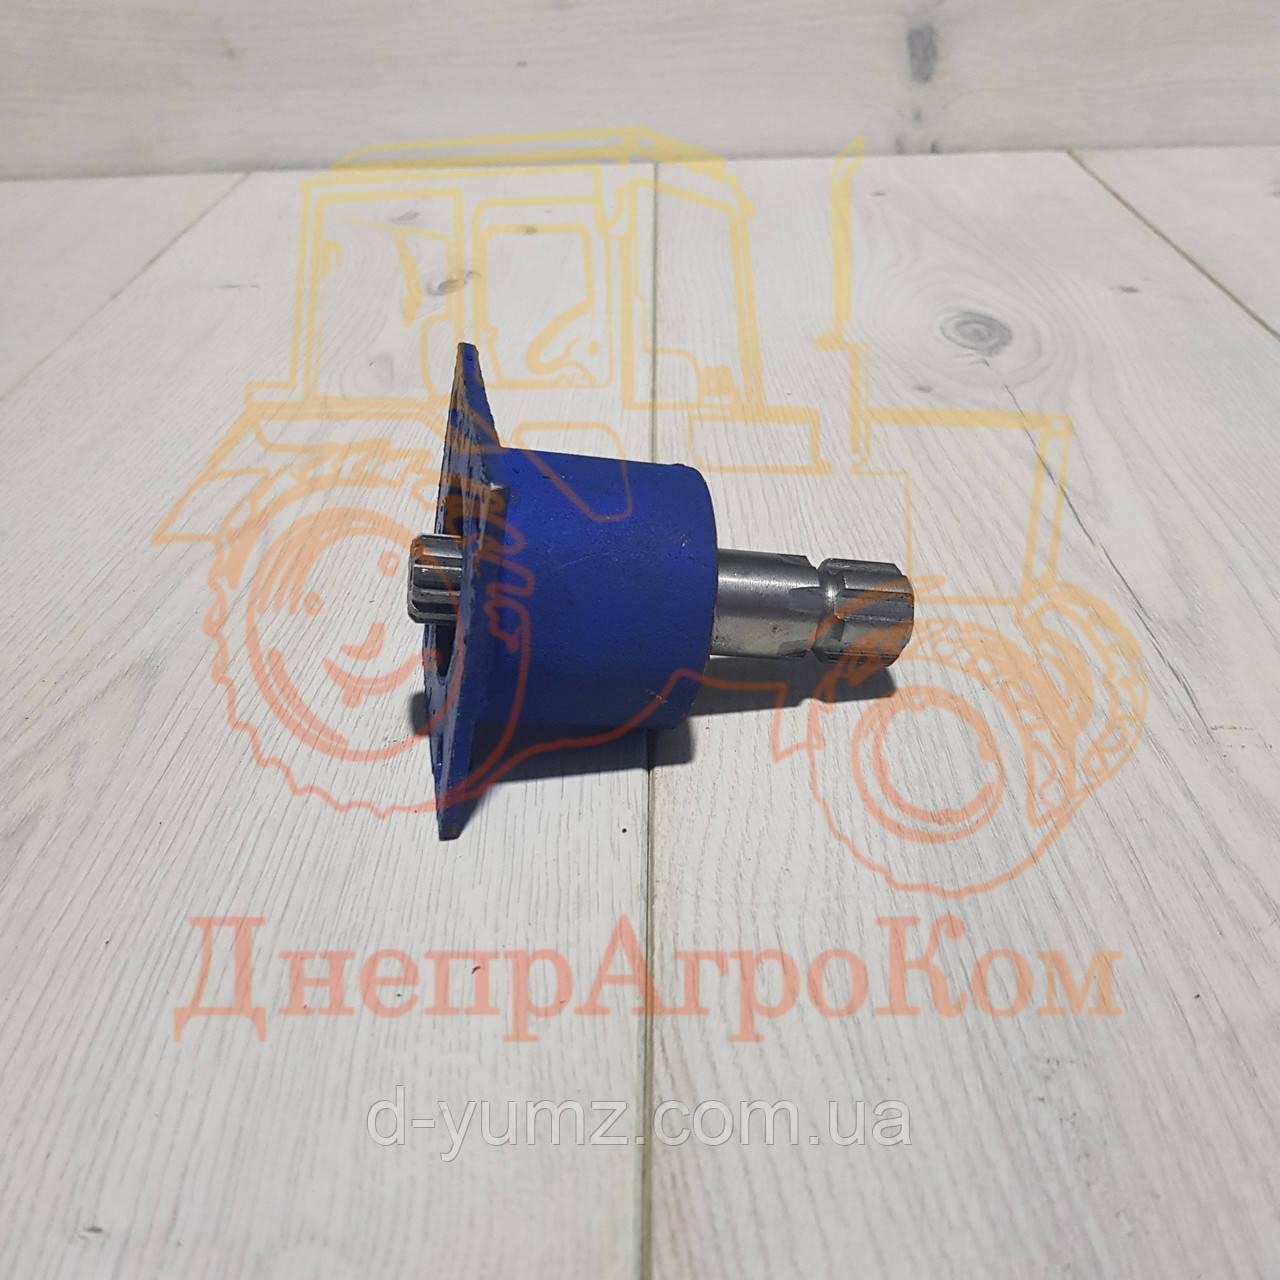 Привод (стакан) насос-дозатора на трактор ЮМЗ с малой кабиной 45-3401020